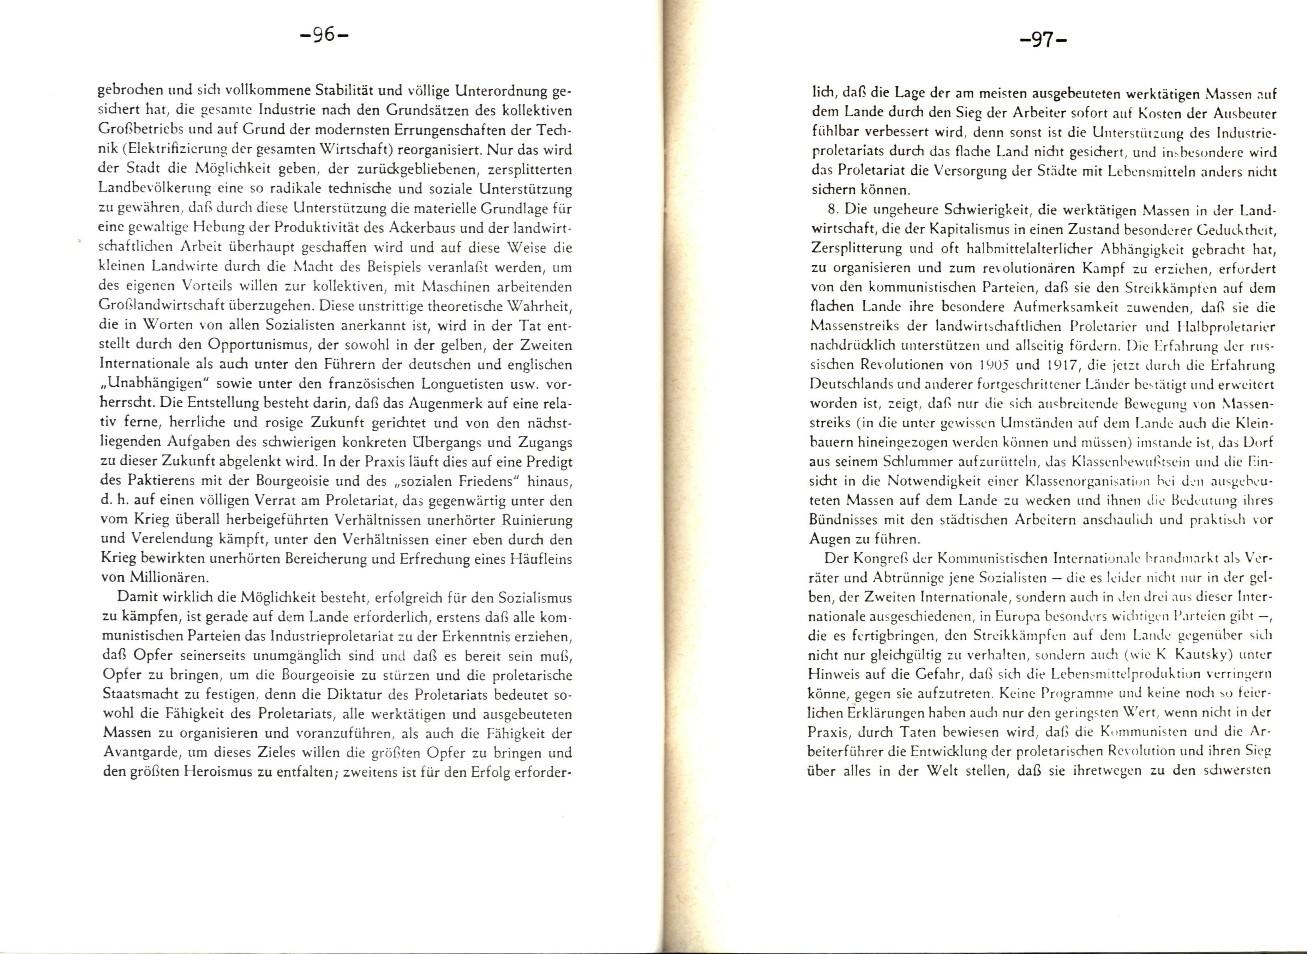 MLSK_Theorie_und_Praxis_des_ML_1978_23_52